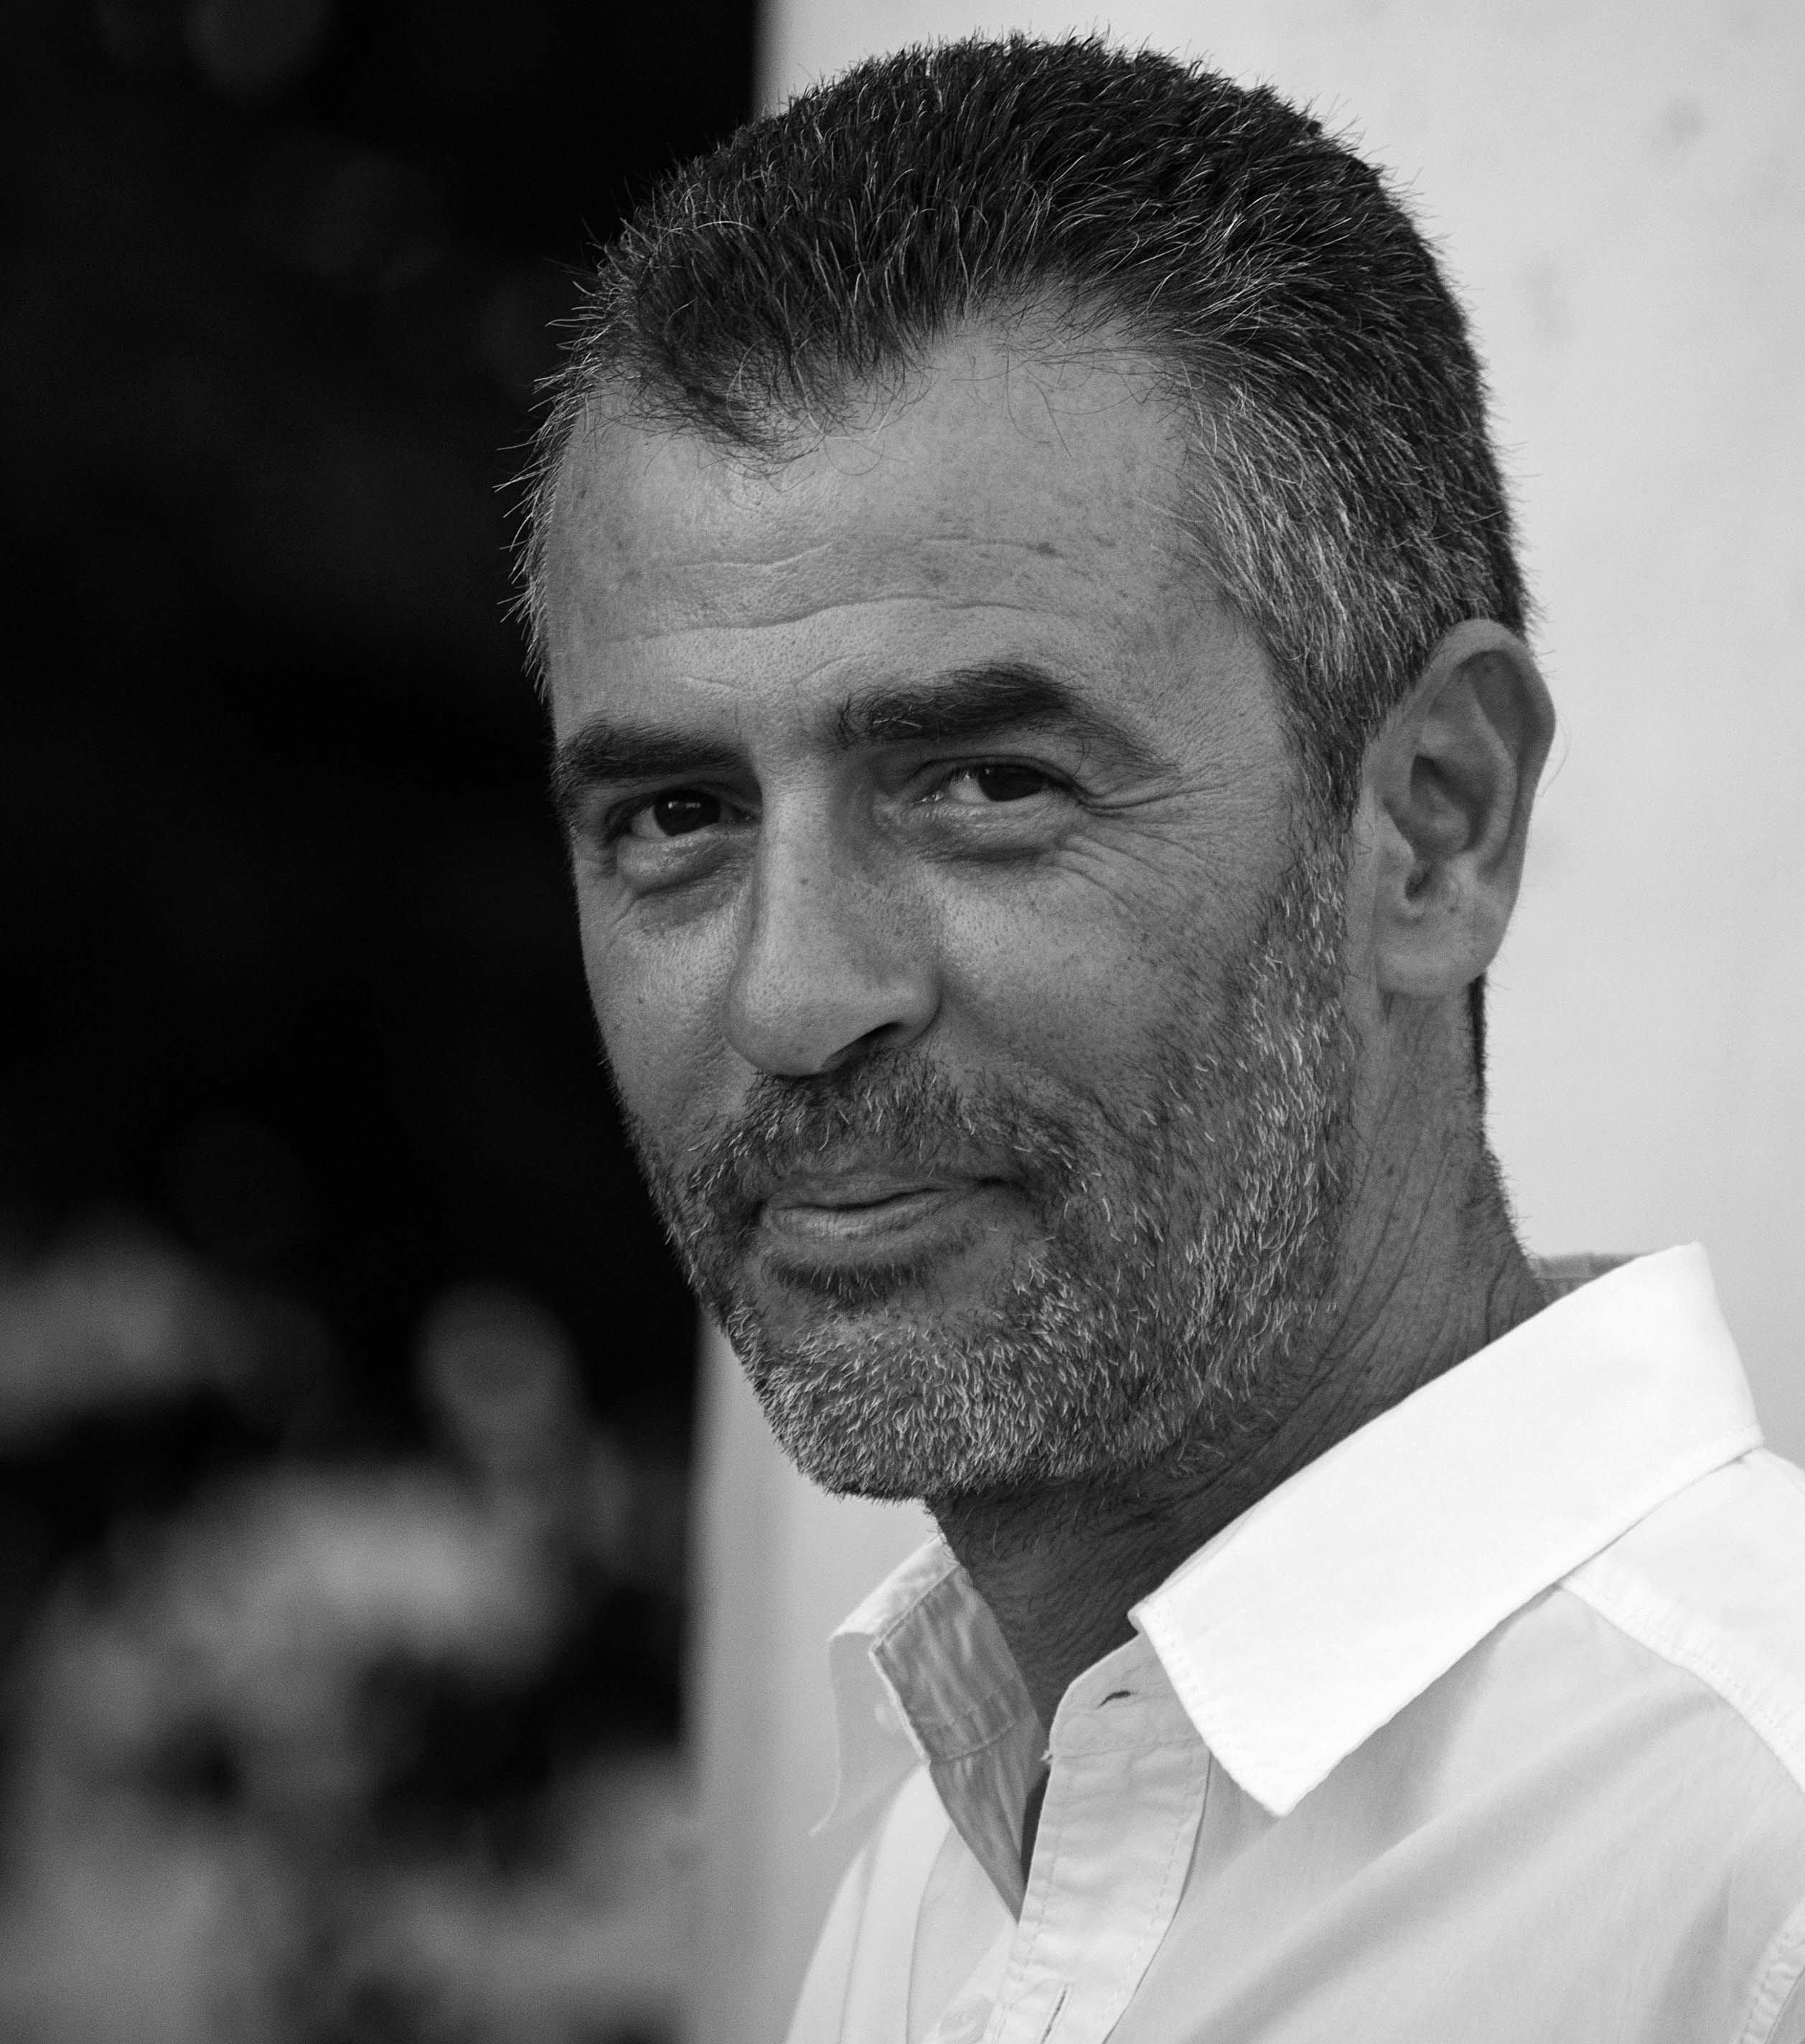 Νίκος Παναγιωτόπουλος: Δεν είναι εύκολο να γράφεις παρουσία αυτοπτών μαρτύρων